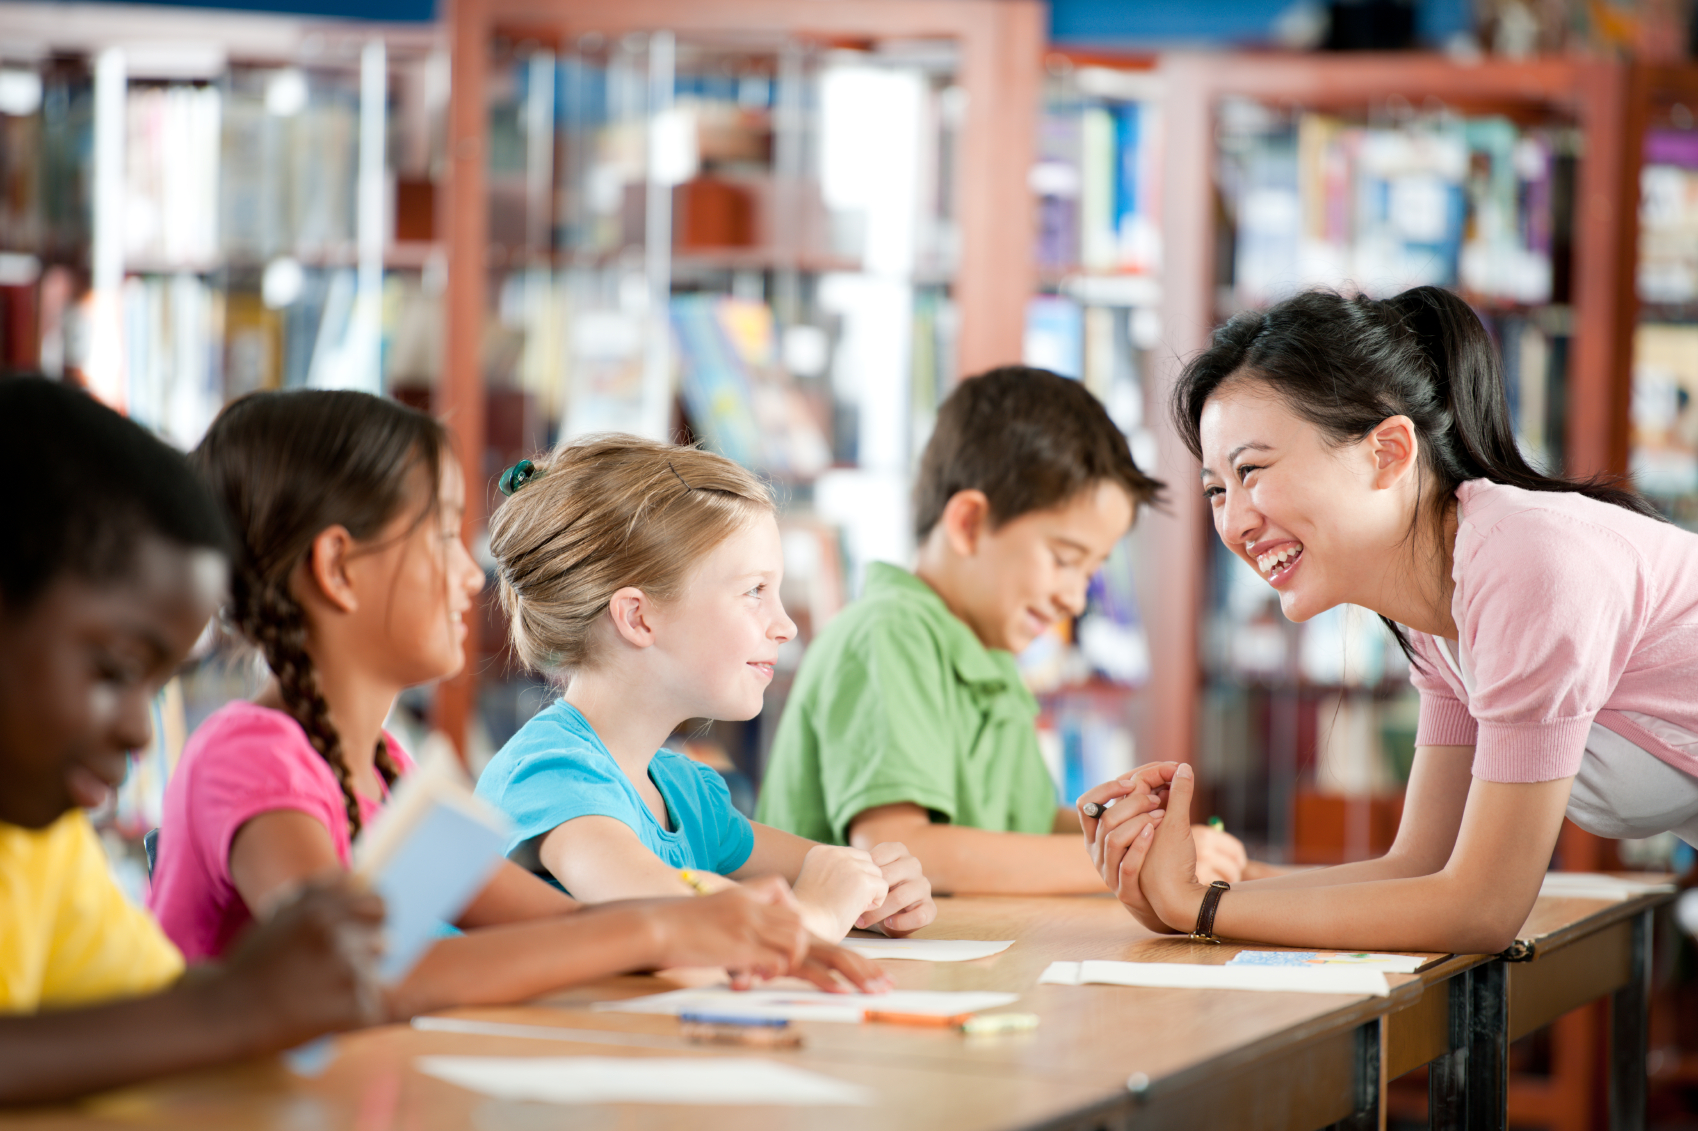 """Một trong những môn học chính khóa của hệ thống trường Đan Mạch là """"Klassens tid"""". Môn này dạy các em giúp đỡ bạn bè và chỉ cạnh tranh với chính mình. Trường Việt Nam có dạy học sinh phát triển khả năng thấu cảm, một môn quan trọng ngang ngửa toán hay không?"""